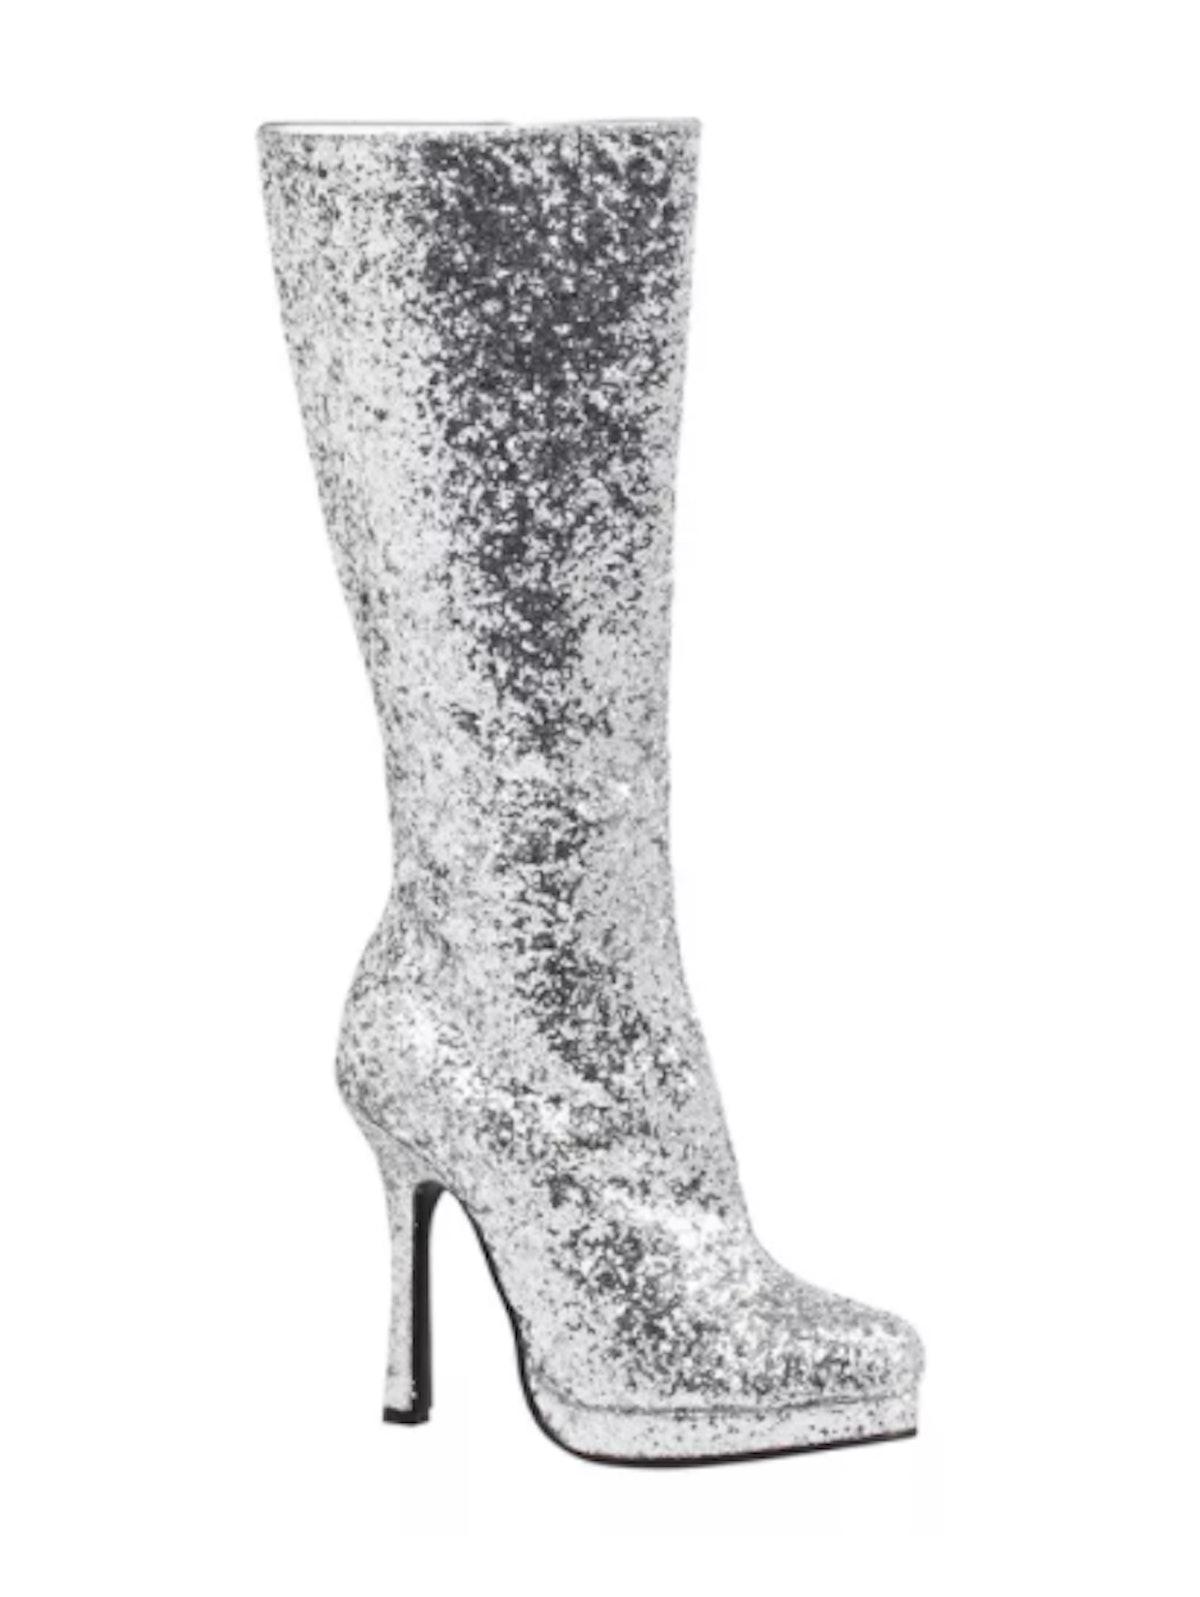 Silver Glitter Costume Boots